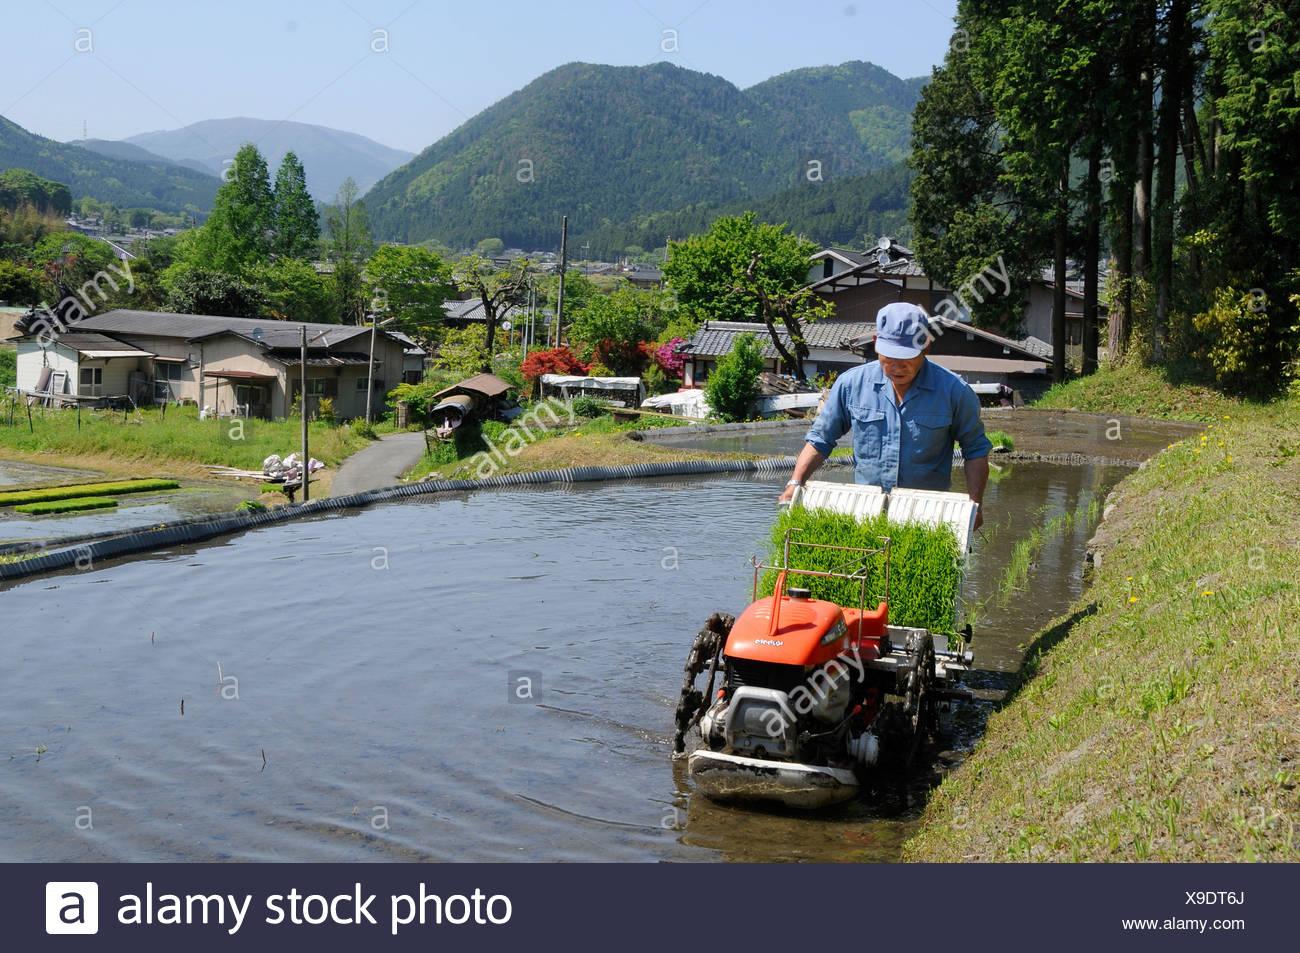 Cultivador de arroz japonés con una plantación de arroz de la máquina en una terraza de arroz inundado en Ohara, cerca de Kyoto, Japón, Asia Foto de stock